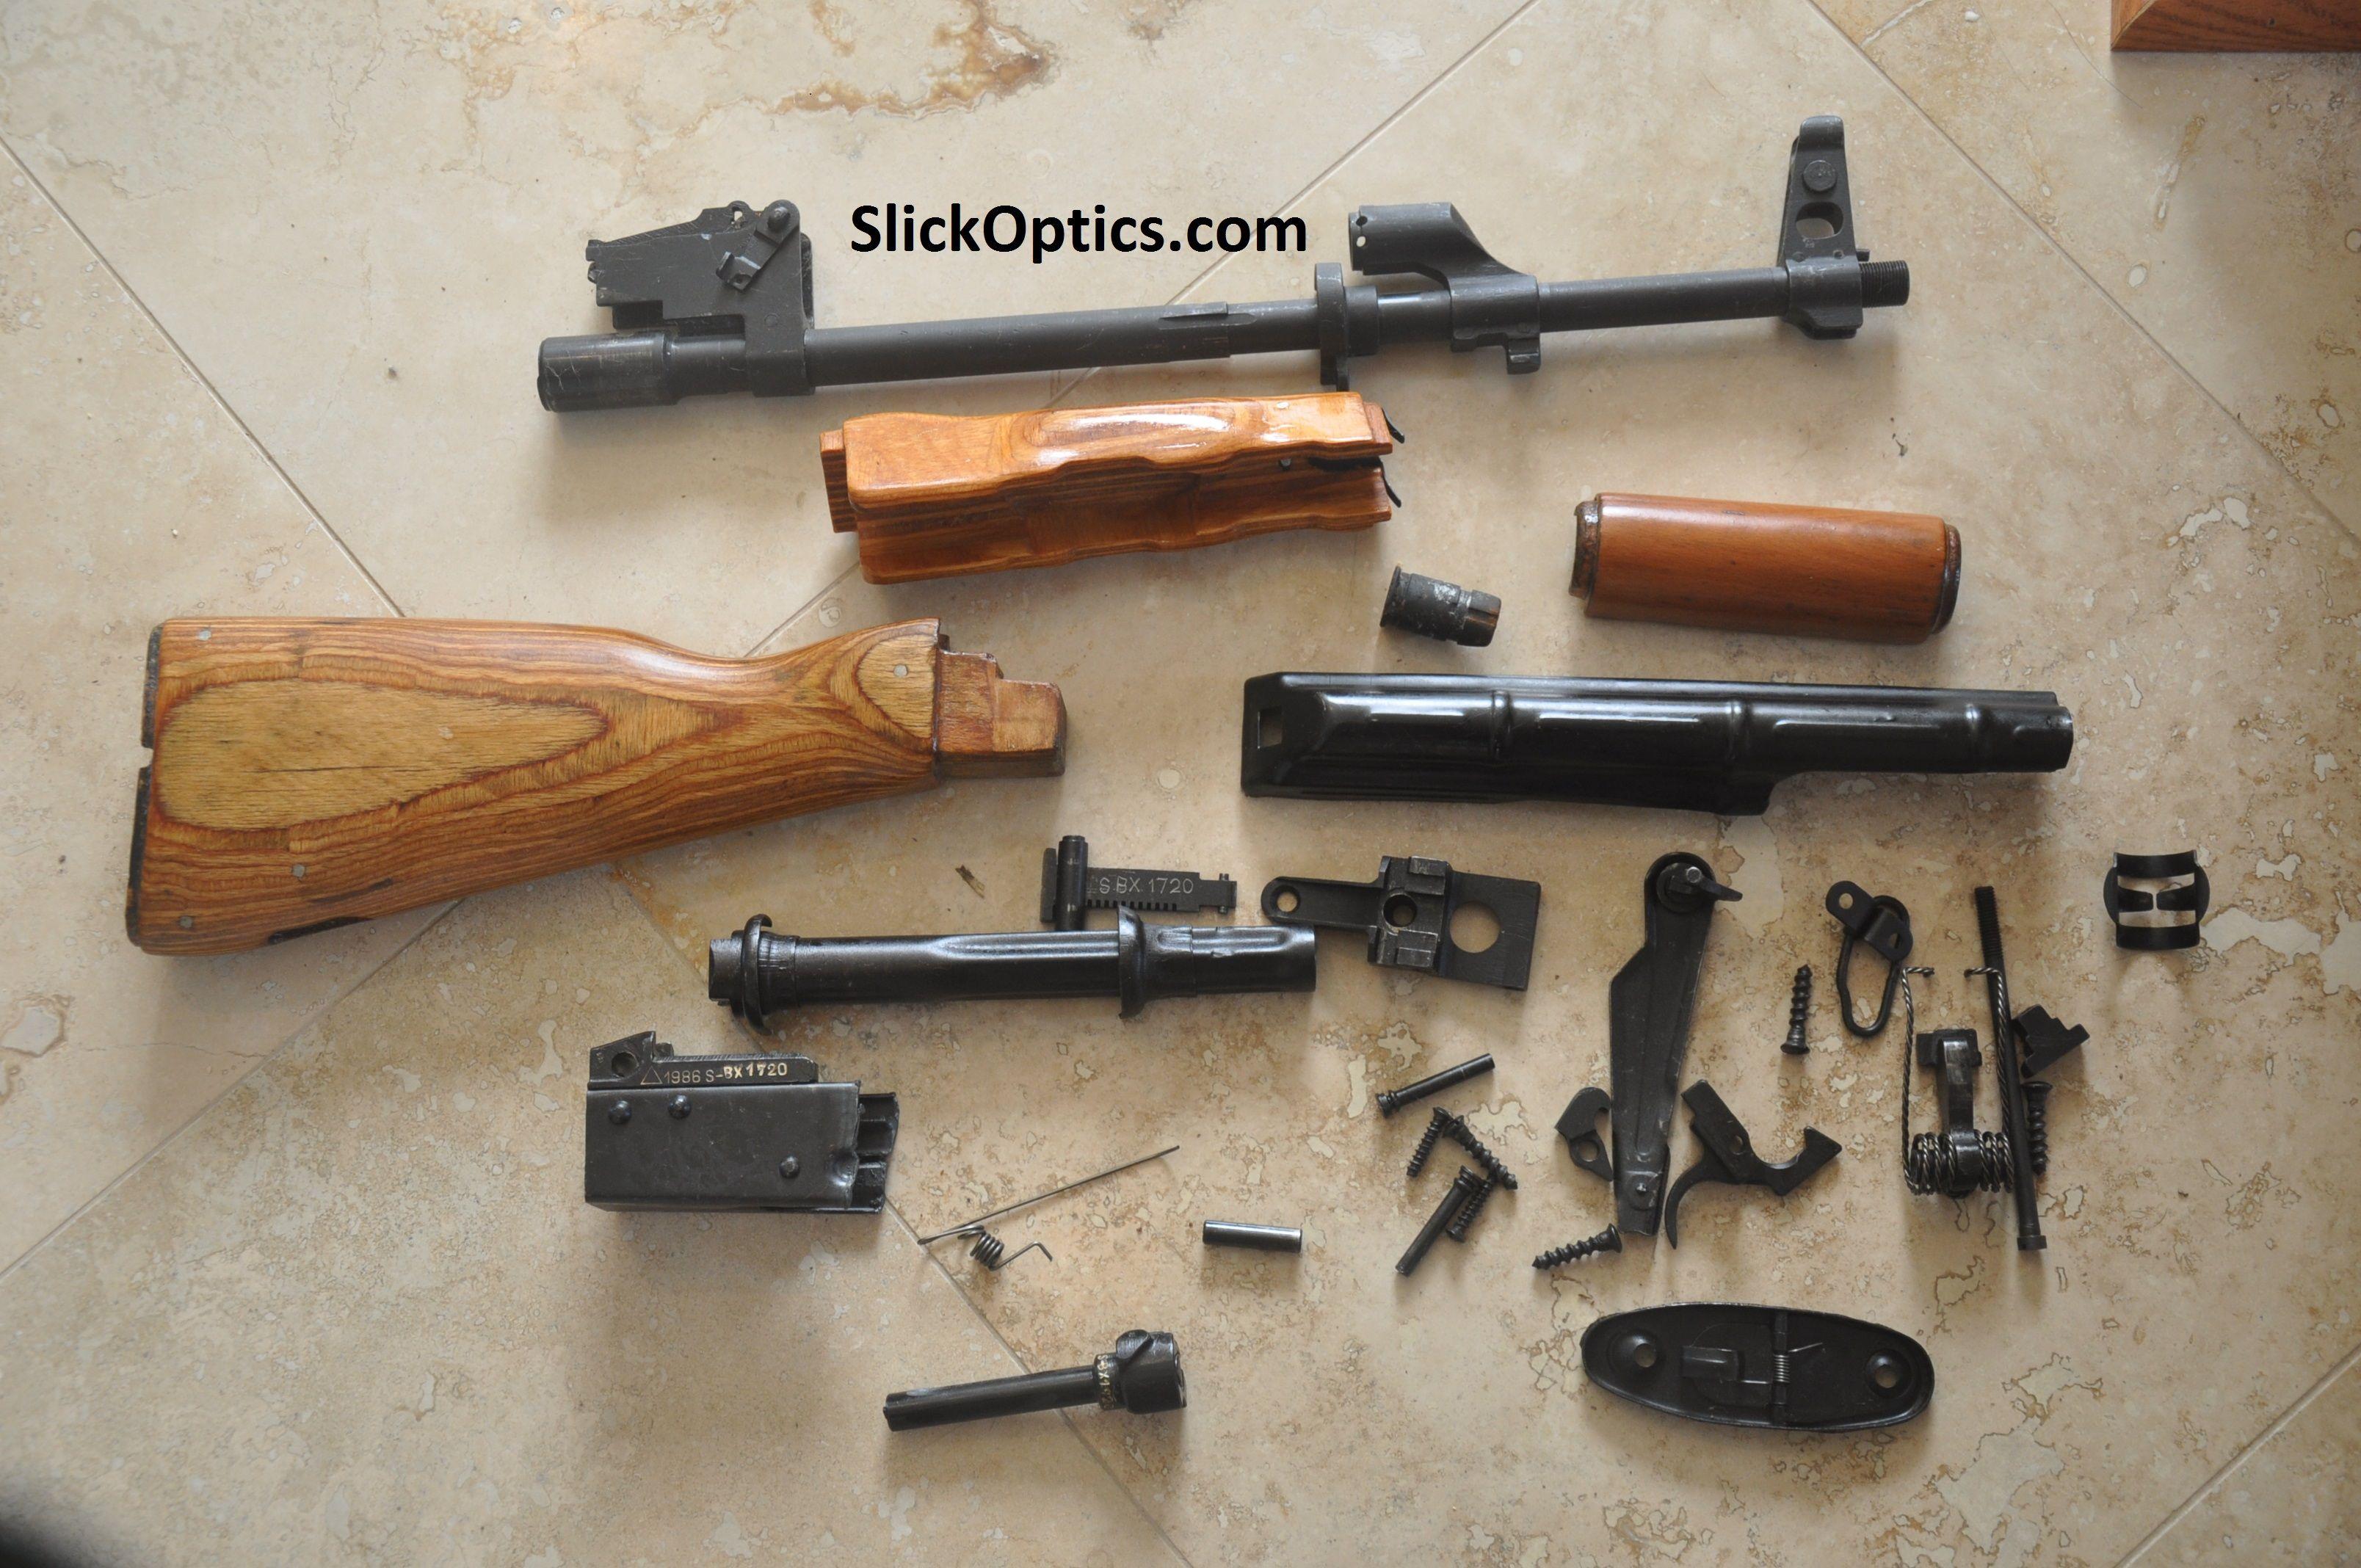 Romanian AK-47 Parts Kit - SlickOptics com | Parts Kits | Ak